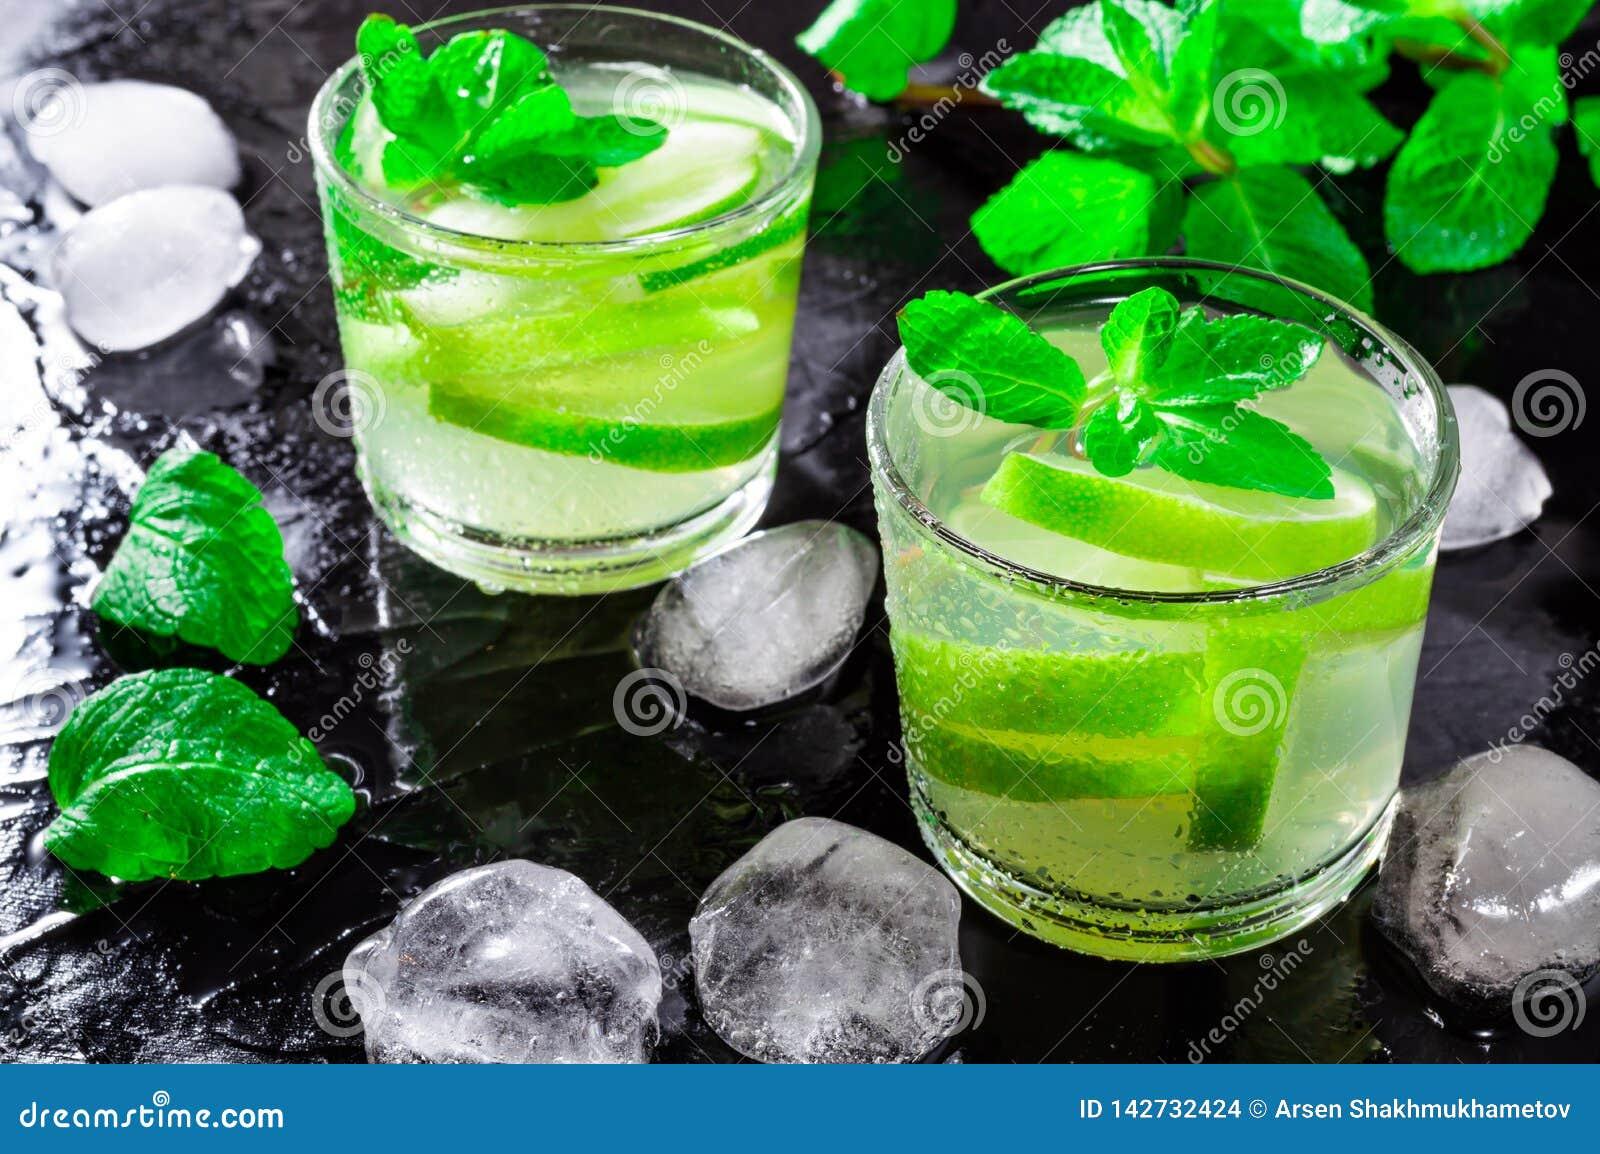 Το θερινό ποτό Mojito, με τους κύβους ασβέστη, μεντών και πάγου, σε ένα μαύρο υπόβαθρο με το νερό μειώνεται